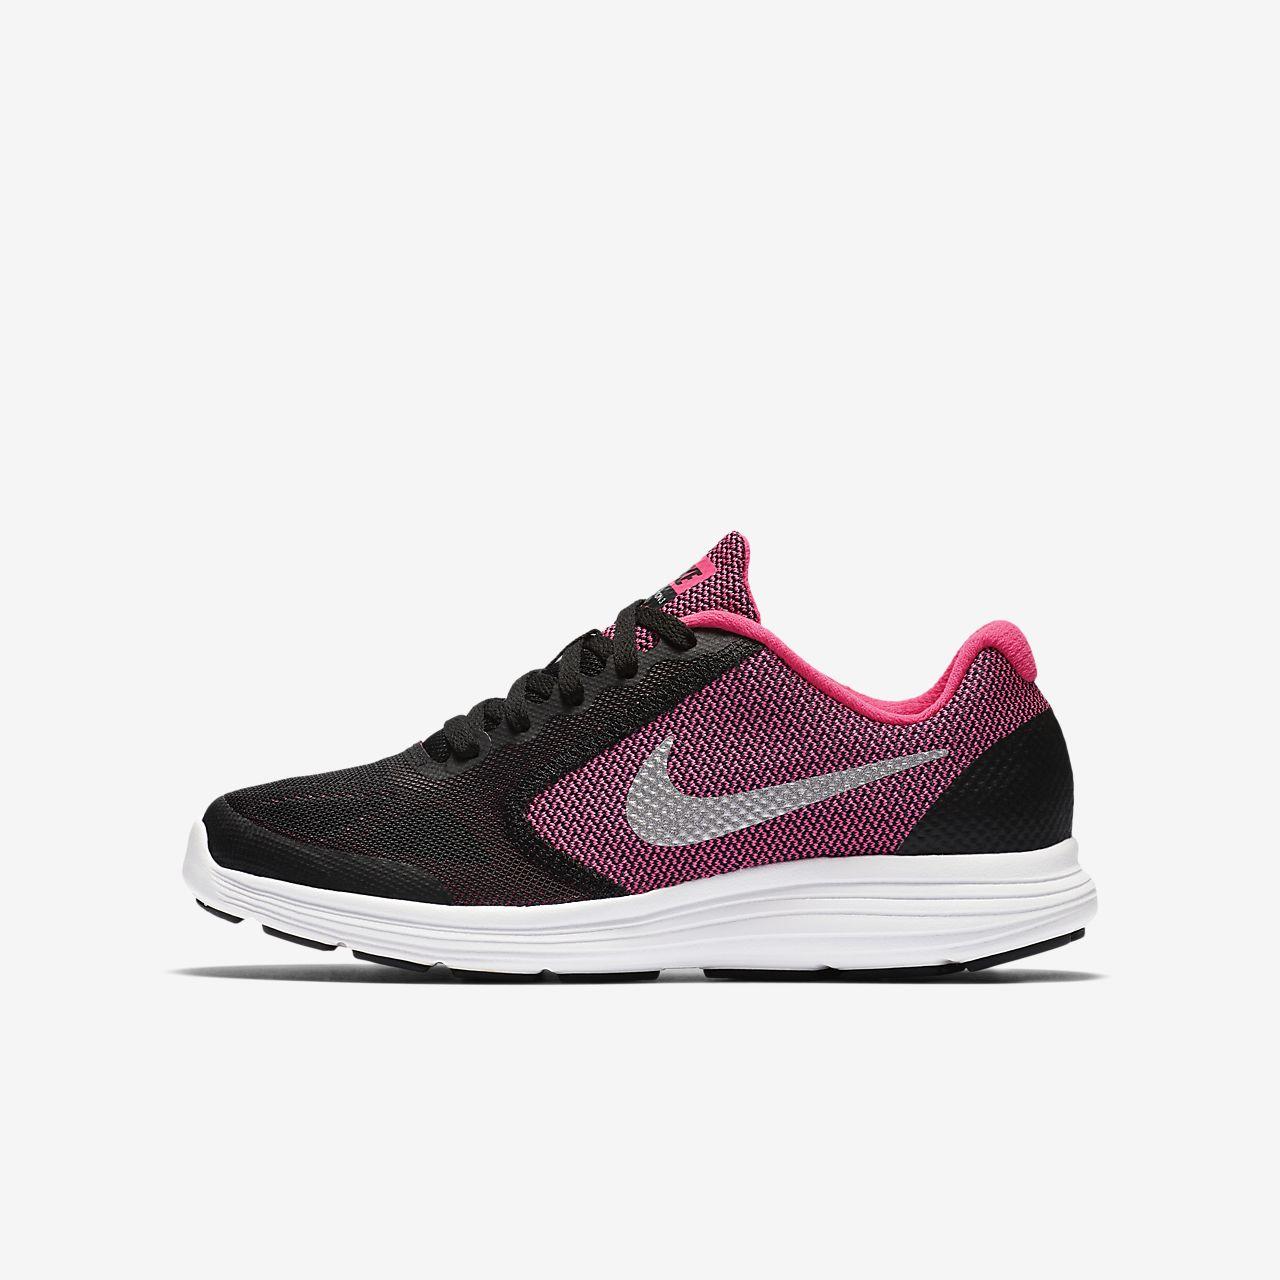 ... Nike Revolution 3 Older Kids' Running Shoe